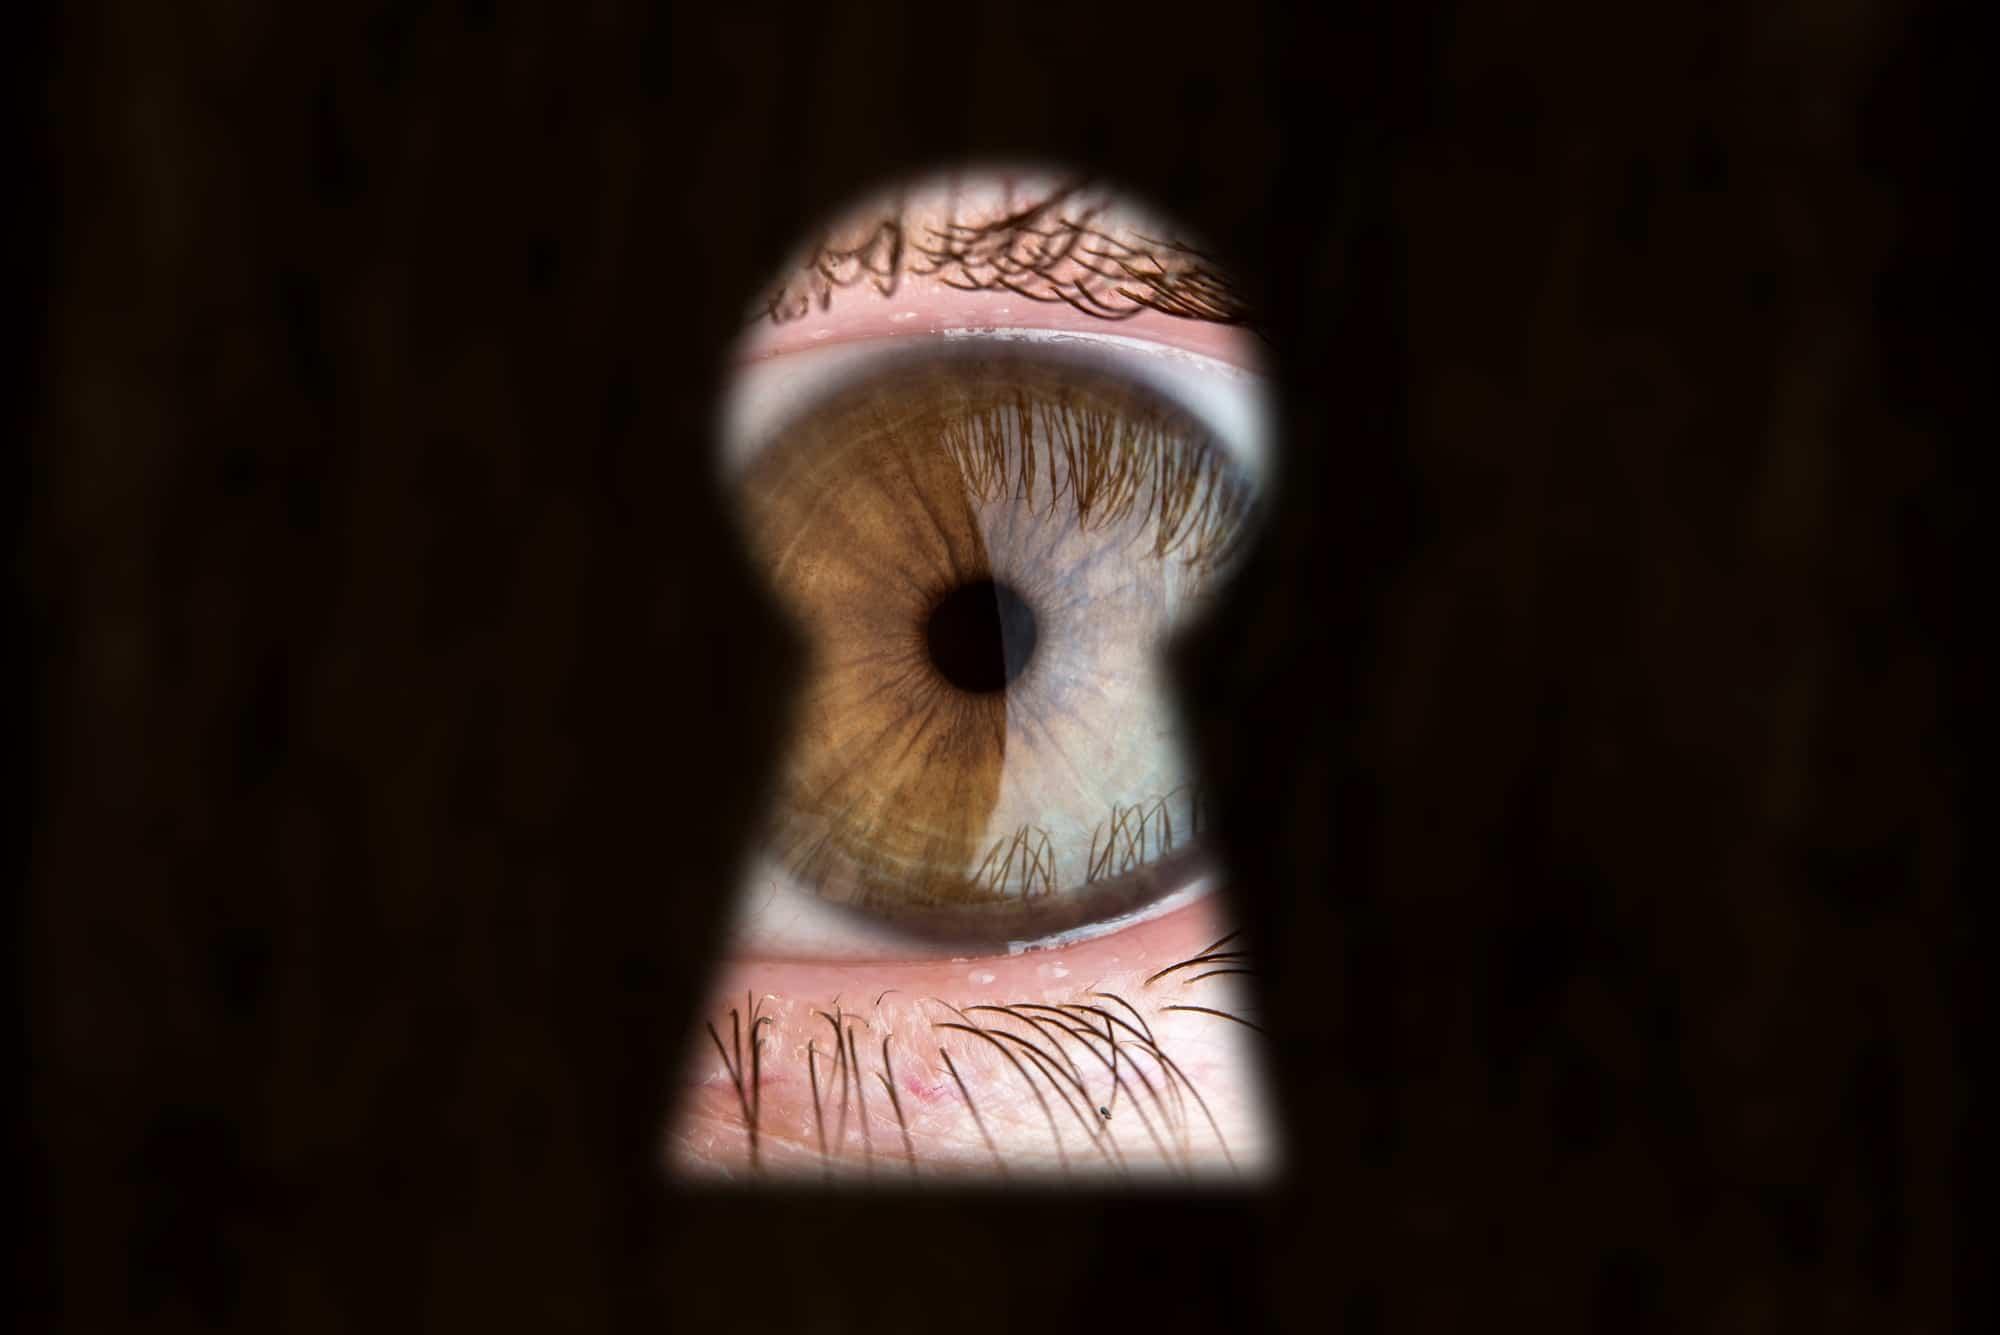 עדשות רשת למשקפיים – אופטיקה יפעת אופטומטריסטית מוסמכת